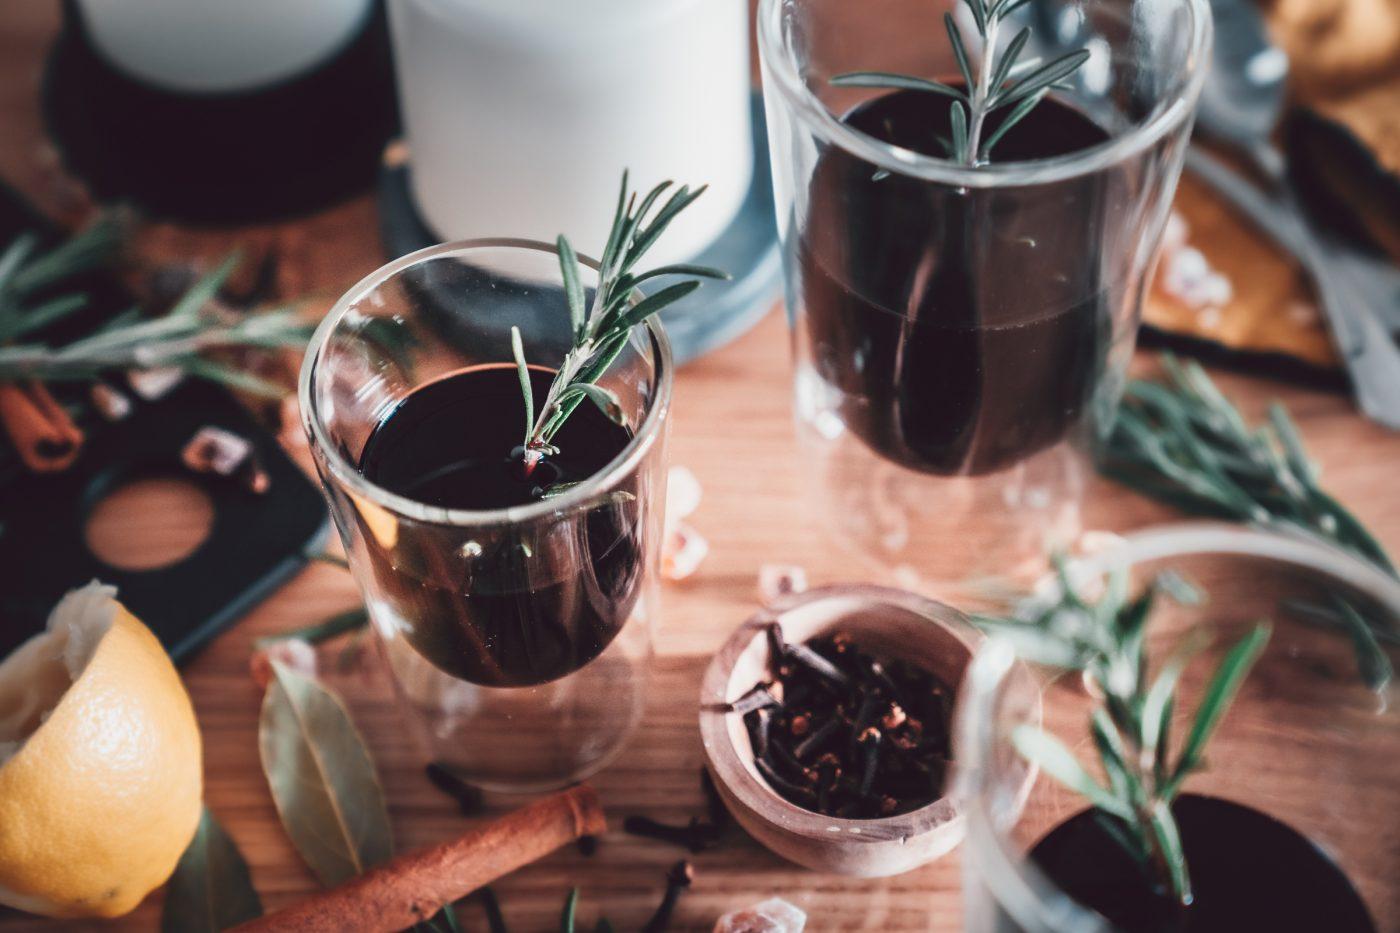 Portwein Punsch mit Rosmarin 22 | Was macht ihr, wenn die Tage kürzer werden und die Temperaturen sinken? Wir machen es uns dann extra gerne gemütlich, machen ein paar Kerzen an, werfen uns eine Decke über und schlürfen dabei unseren Portwein-Punsch mit Rosmarin. Wir genießen diese ruhigen Stunden und dabei ist ein wärmendes Heißgetränk genau der richtige Begleiter. Kräftiger Portwein, Lorbeerblätter, Pfeffer, Nelken & Co. sorgen für winterliche Aromen und der braune Kandis von Diamant Zucker rundet unseren Punsch wunderbar ab!